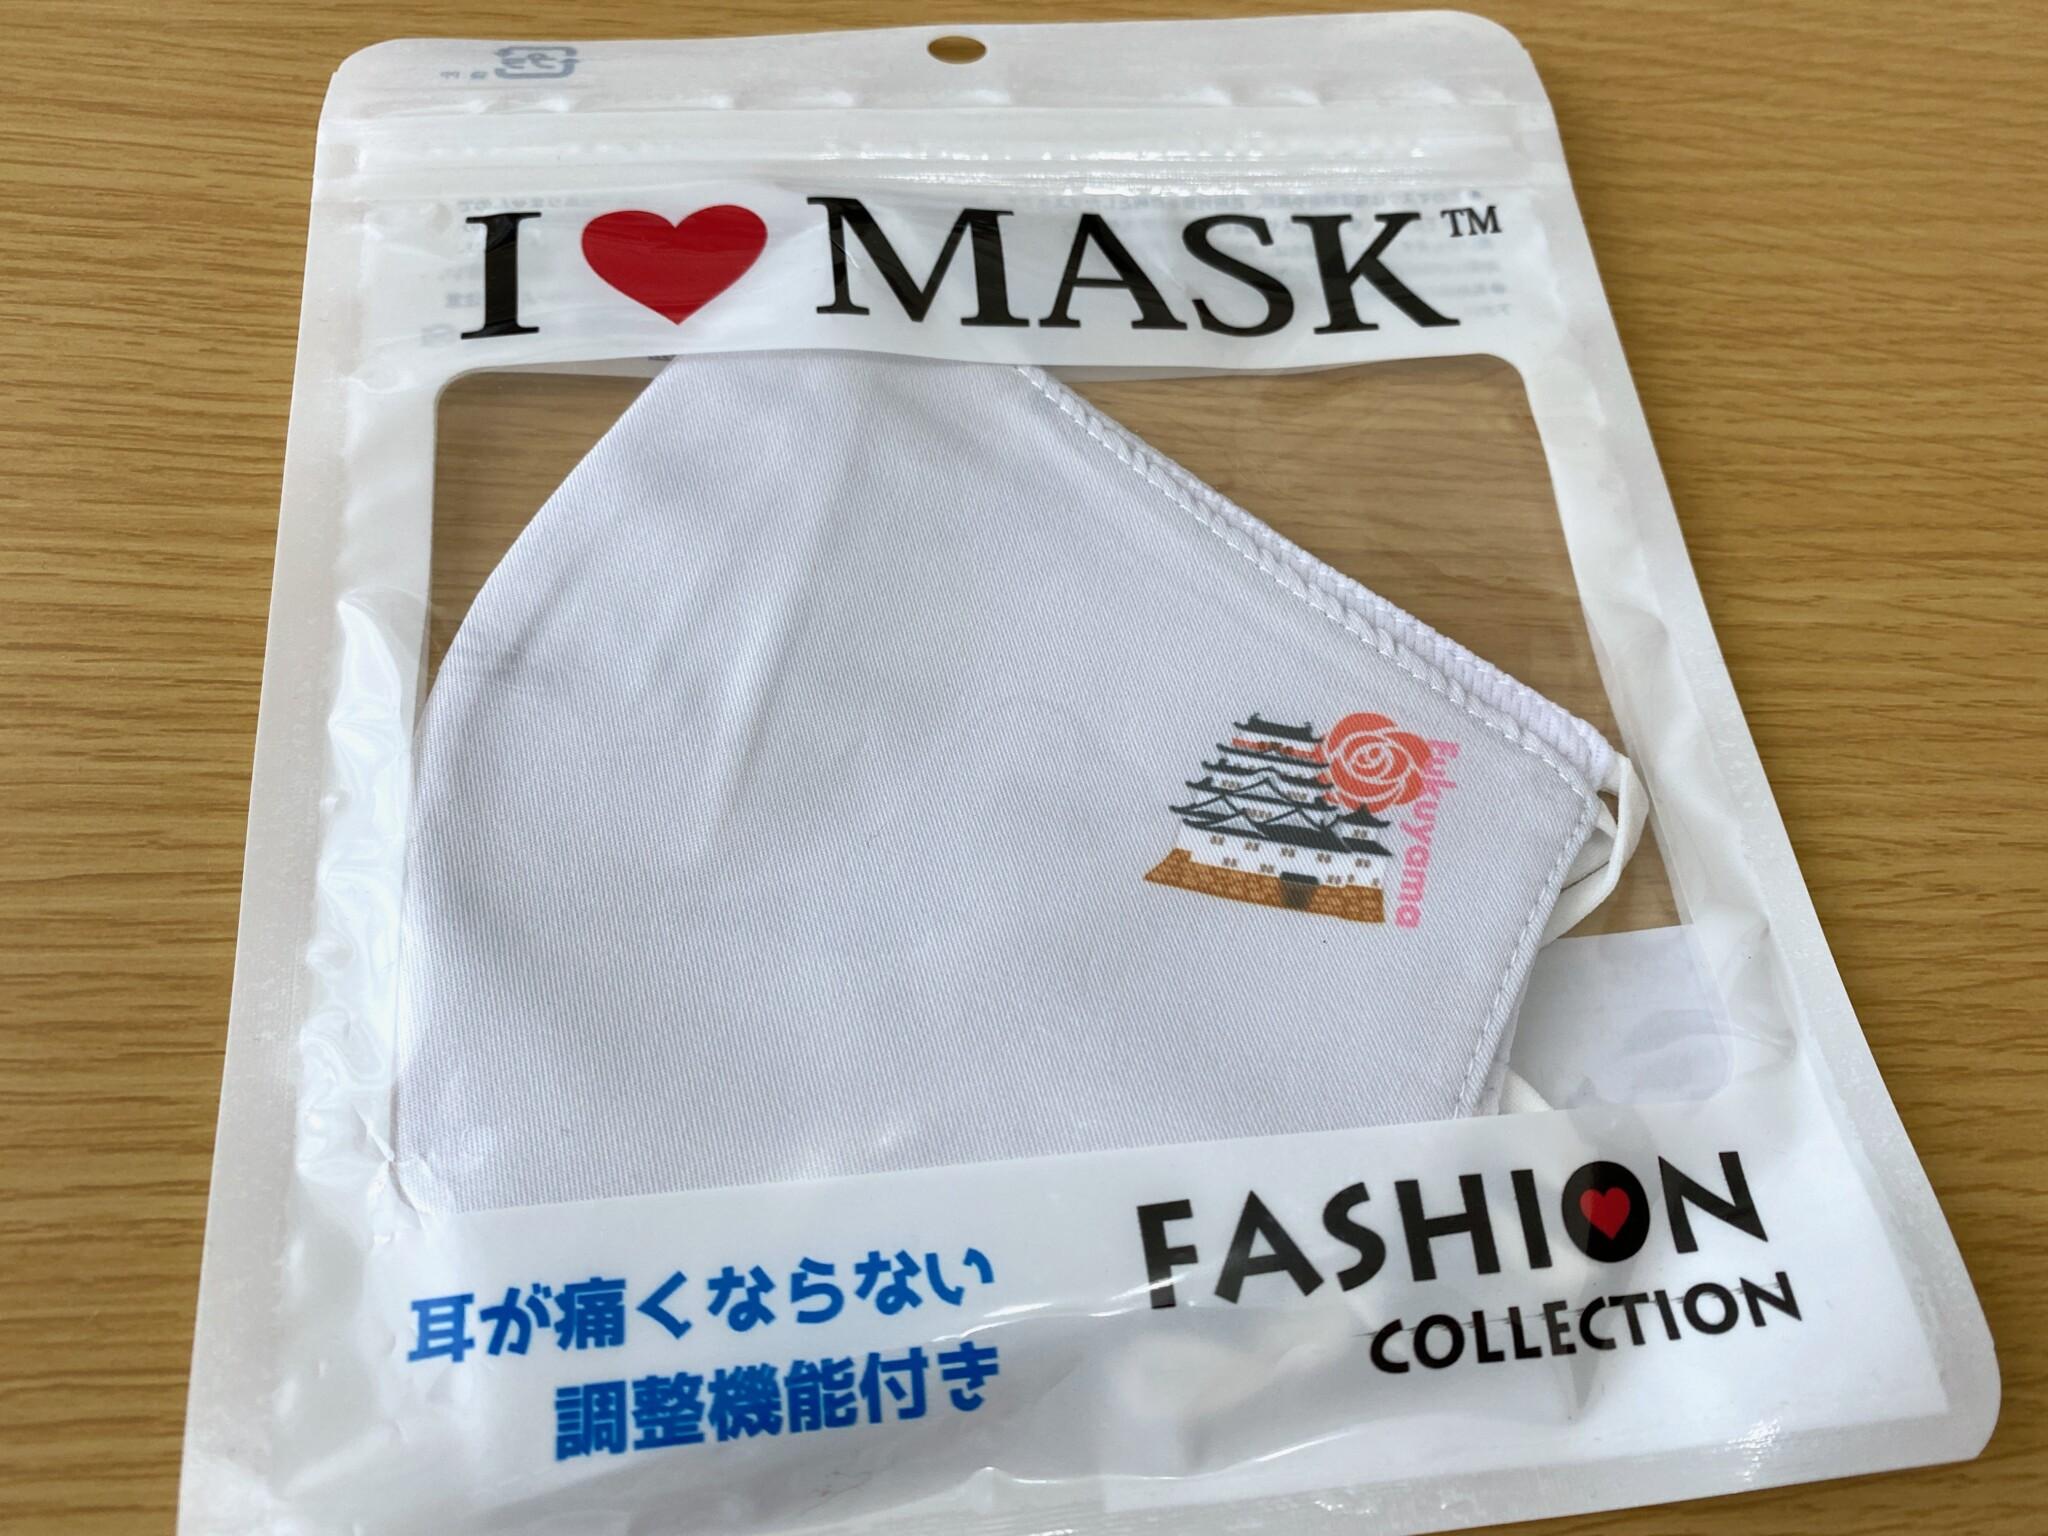 fukuyama jo mask